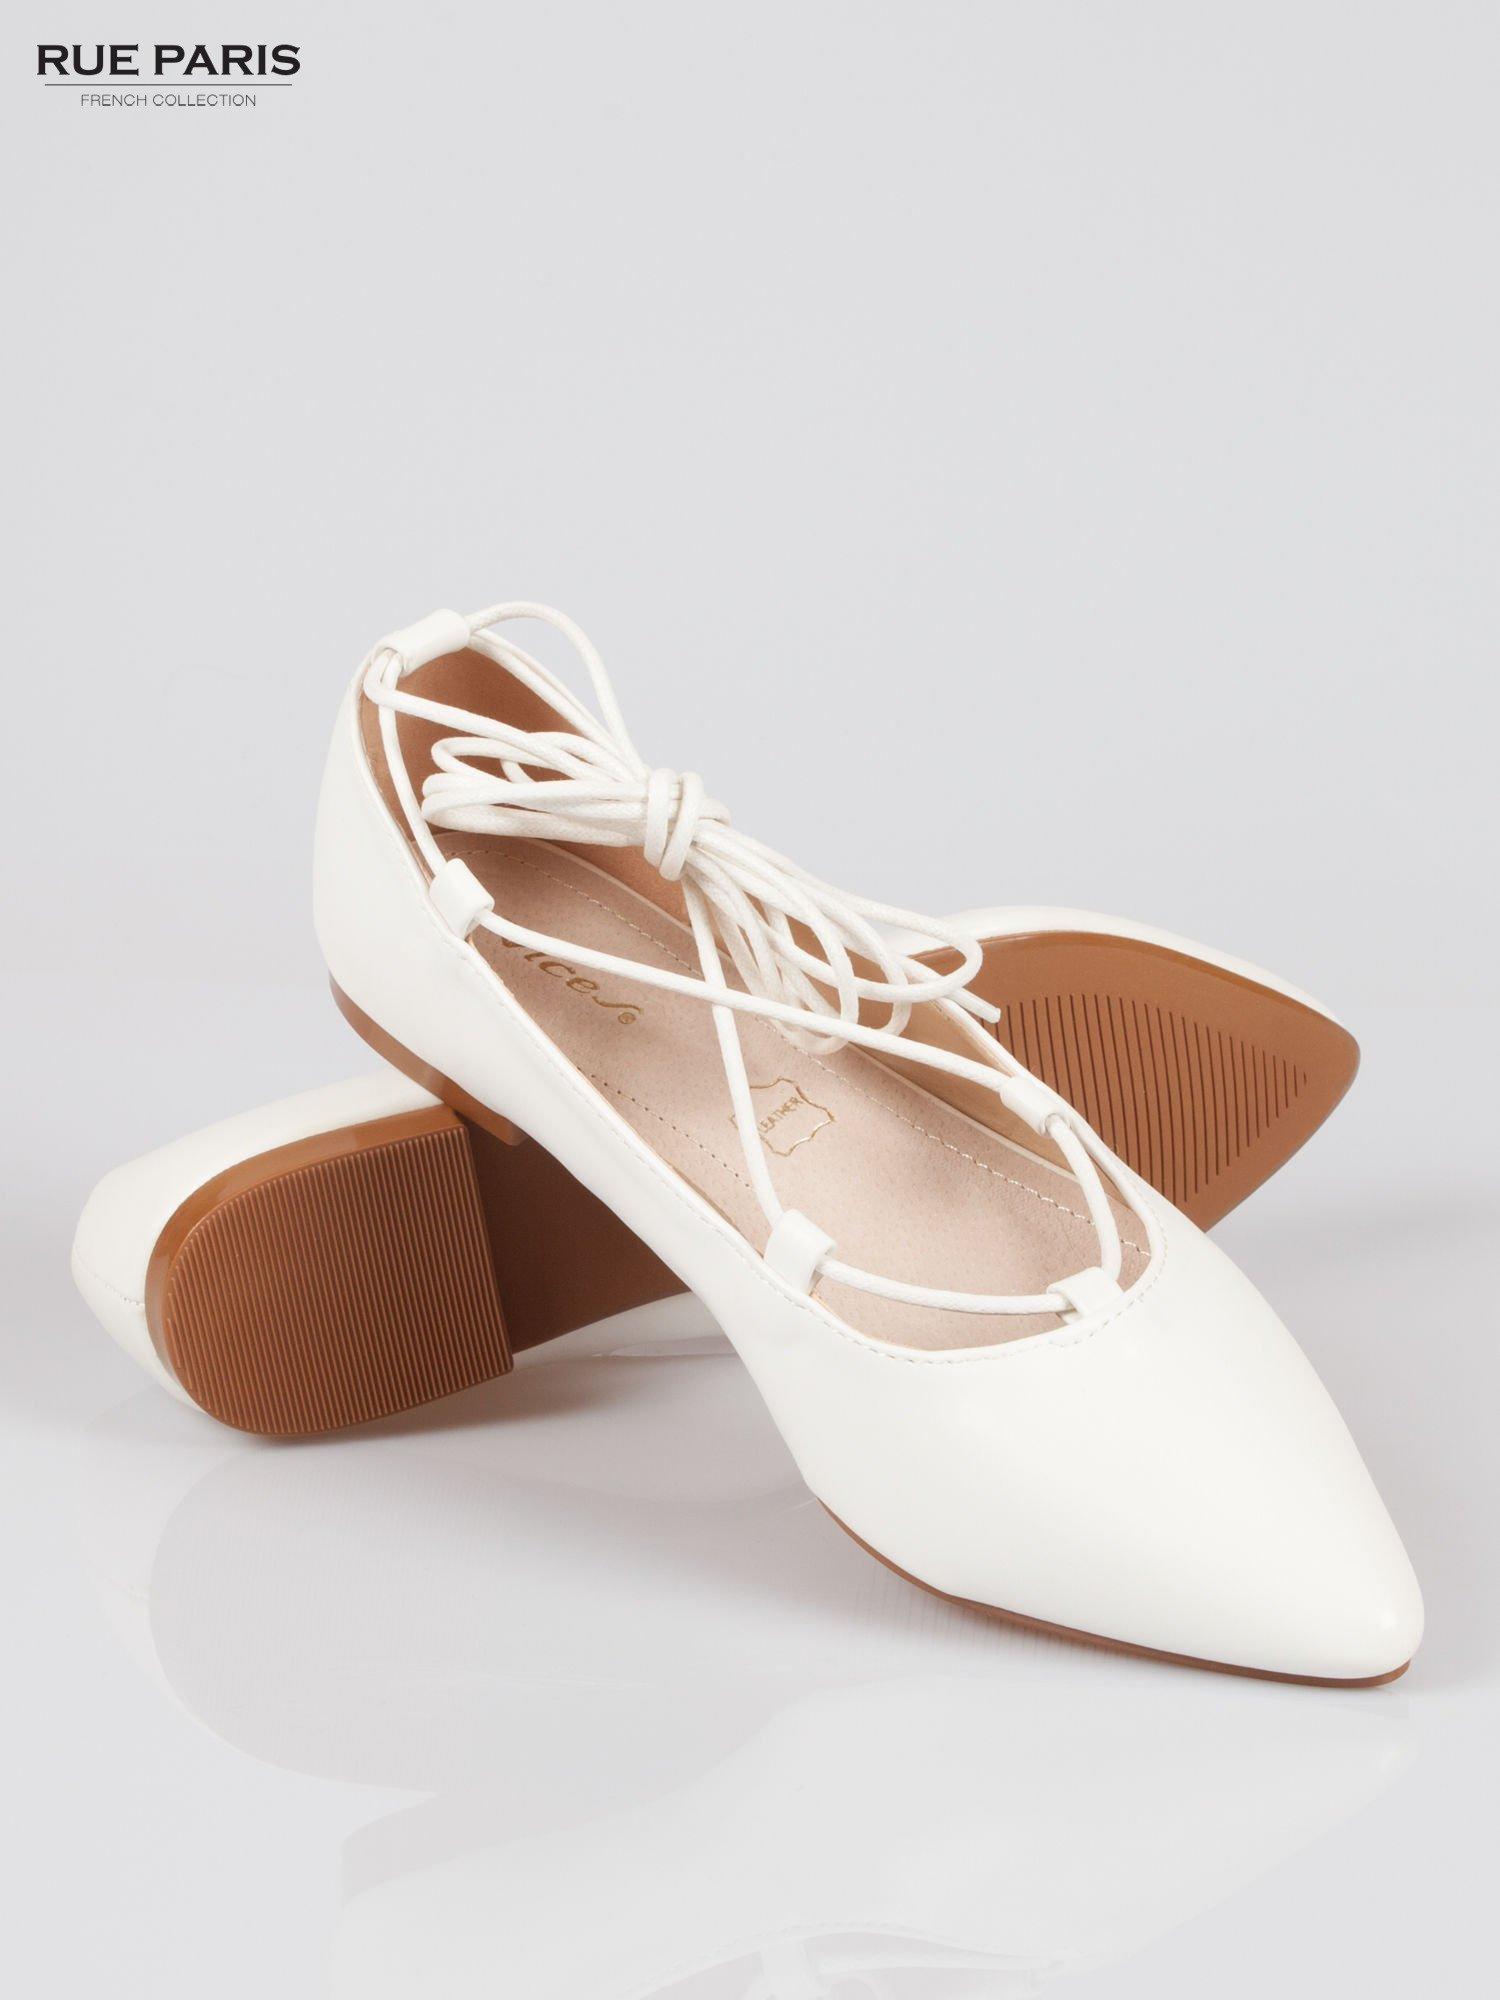 Białe wiązane baleriny leather Kylie lace up                                  zdj.                                  4